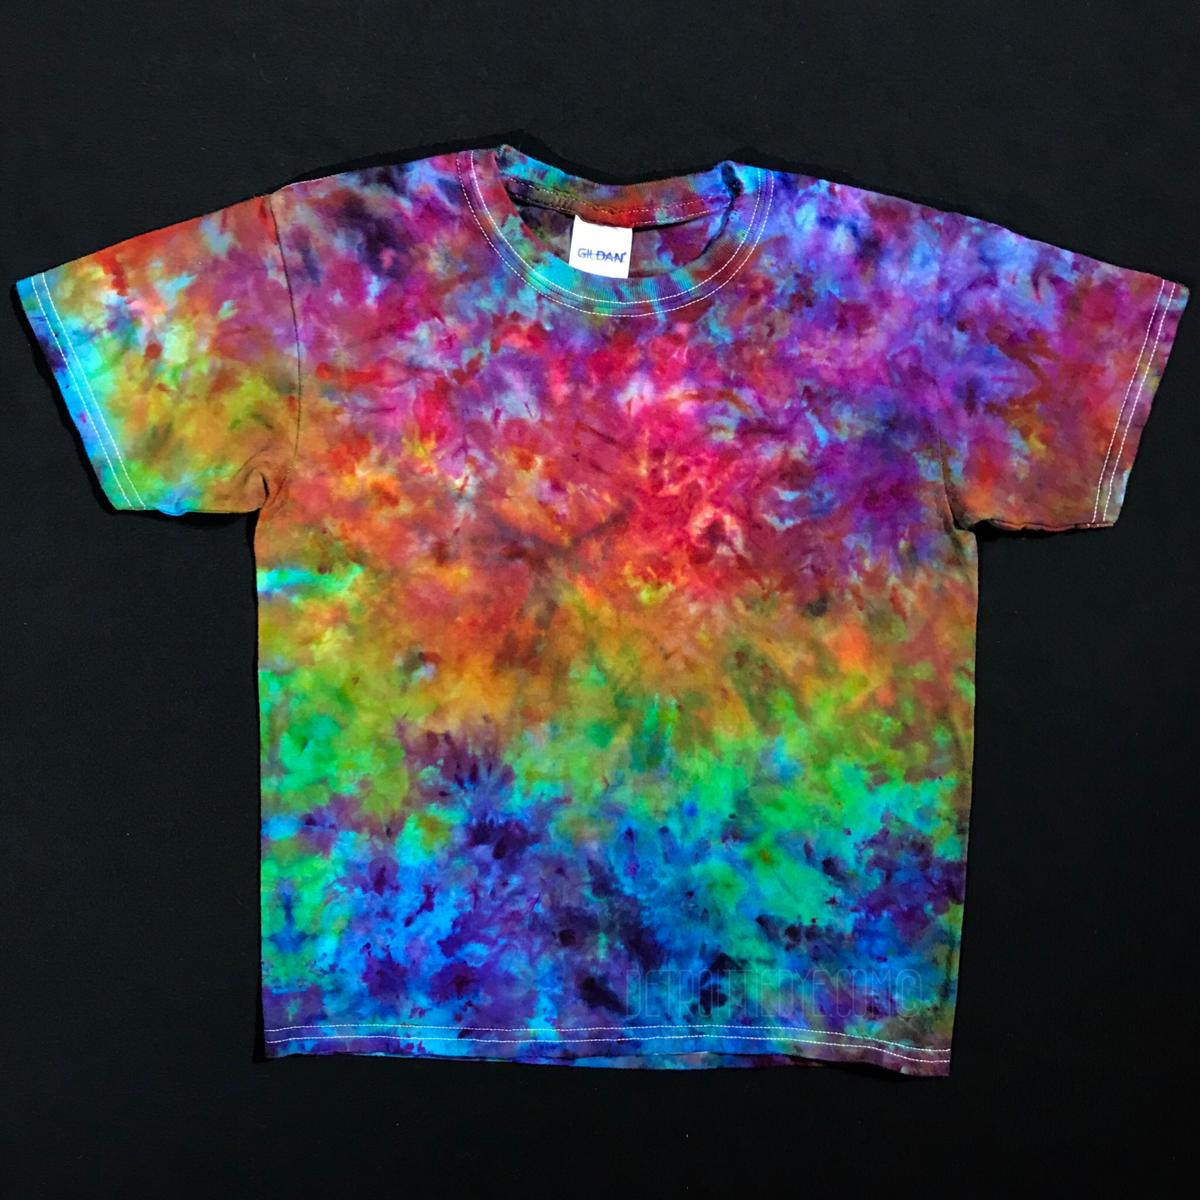 Youth Small Rainbow Splatter Ice Dye T Shirt Tie Dye Tutorial Tie Dye Diy Tie Dye Patterns